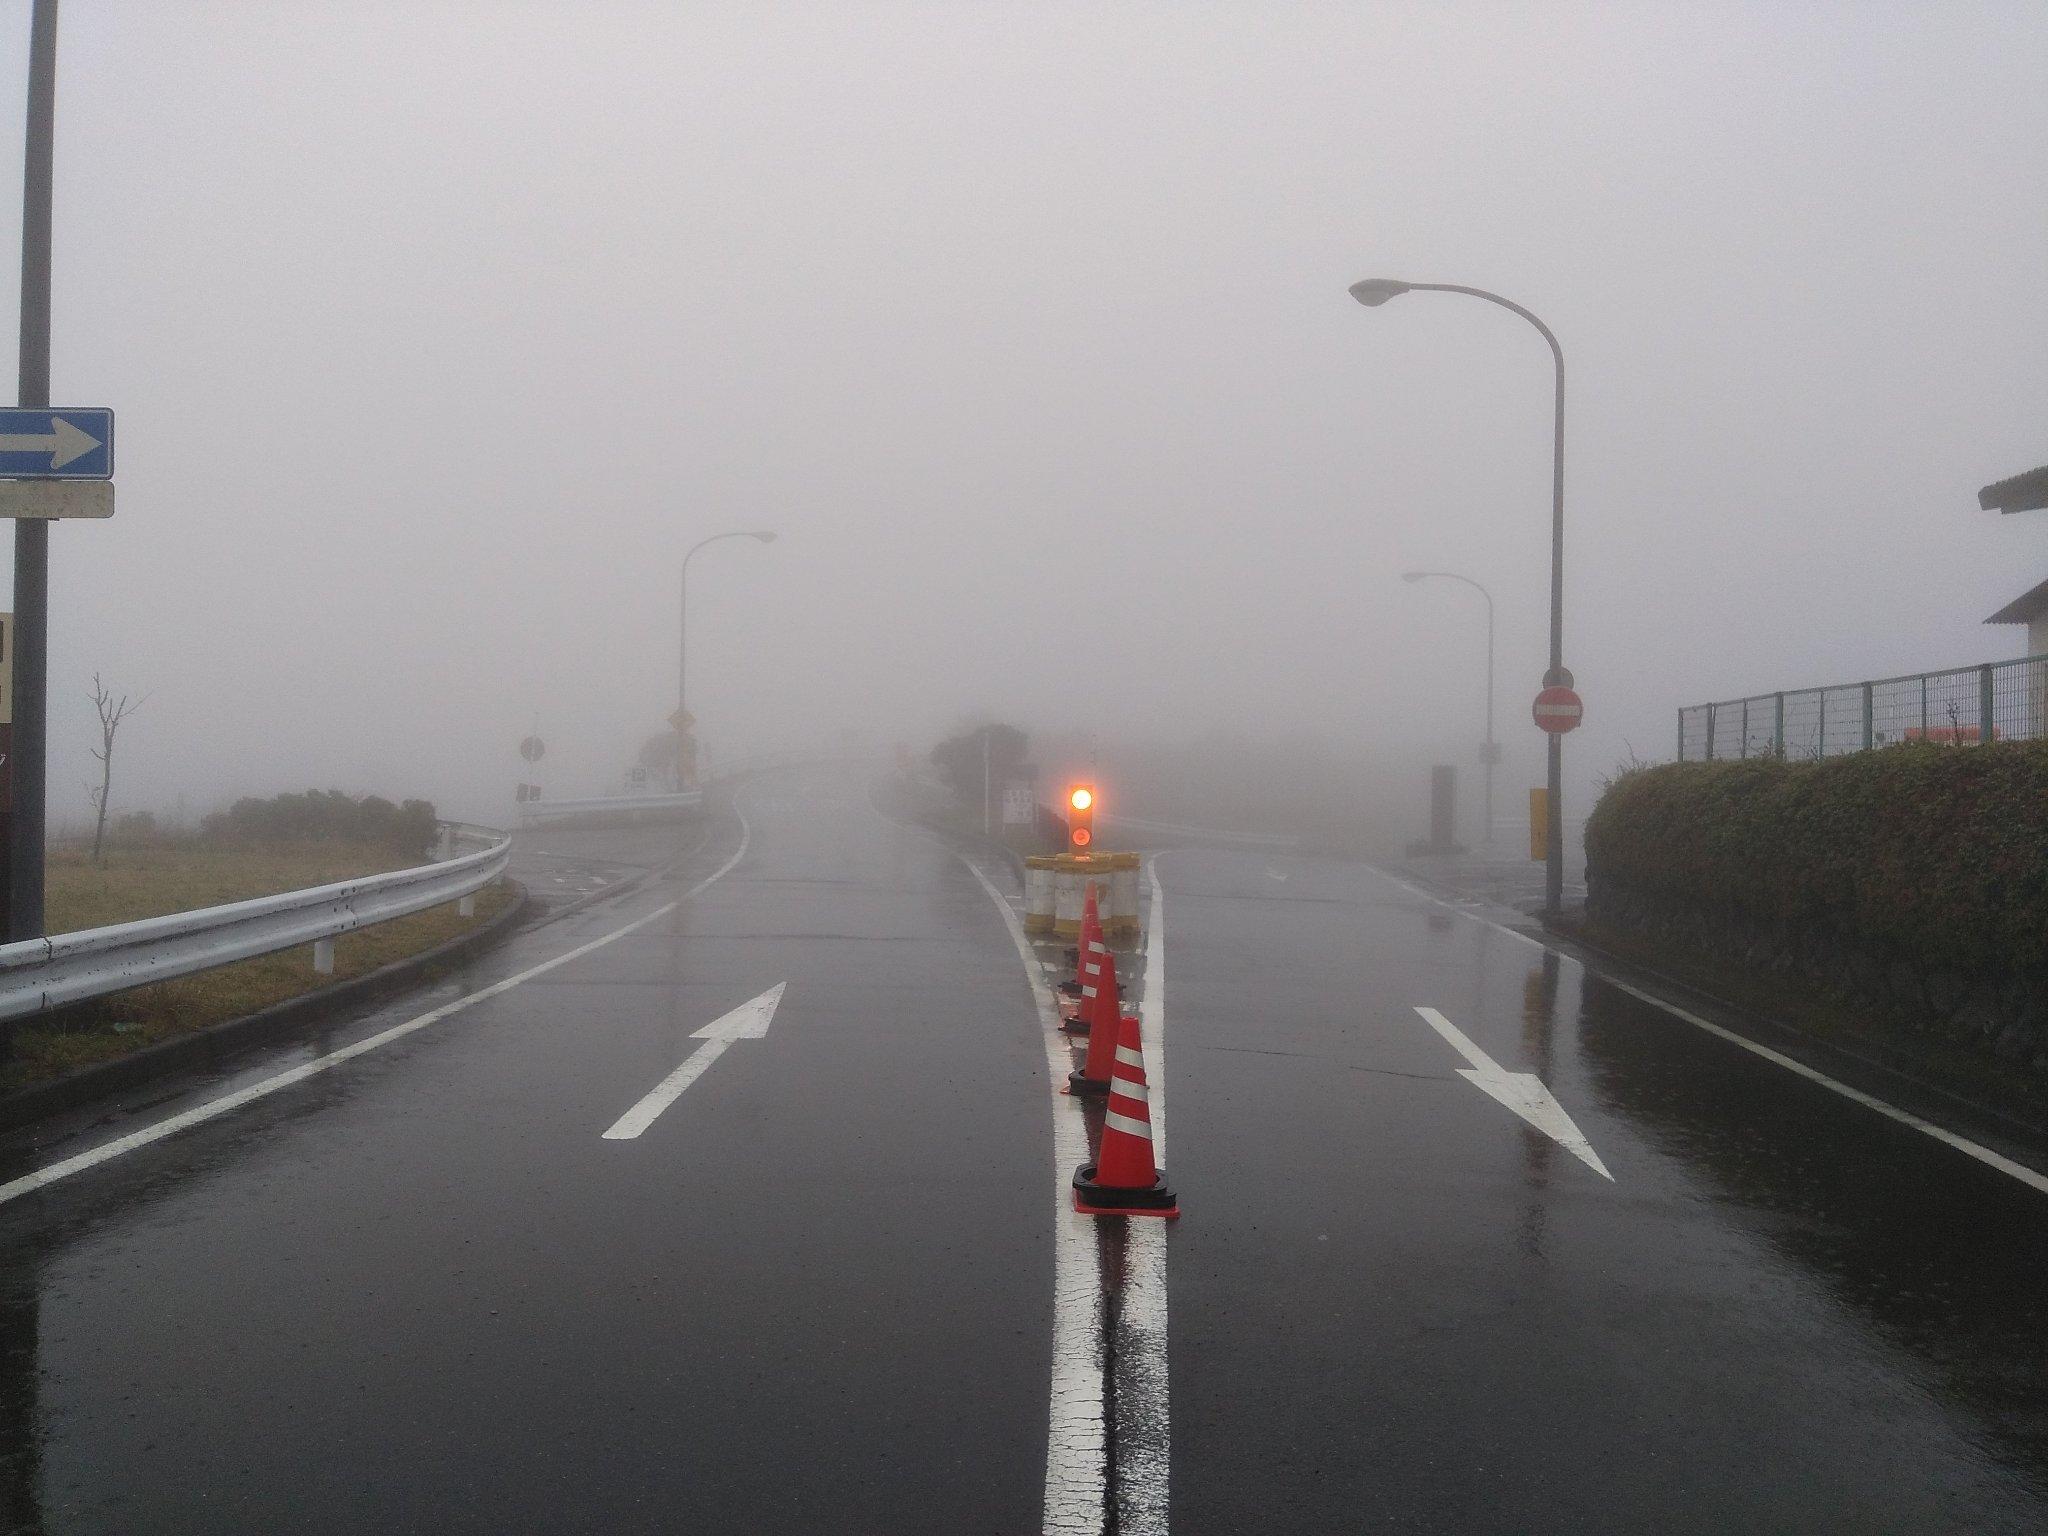 アネスト岩田ターンパイク箱根 4月30日(火)6時40分の道路状況です。  天気:雨、霧 気温:8℃ 路面状況:湿潤(異常無し) 風速:1〜2m 霧:本線7kp〜湯河原峠間で発生(大観山で視界80m程)  中腹から薄い霧が発生していますので走行にご注意下さい。 https://t.co/zm8kr67R14